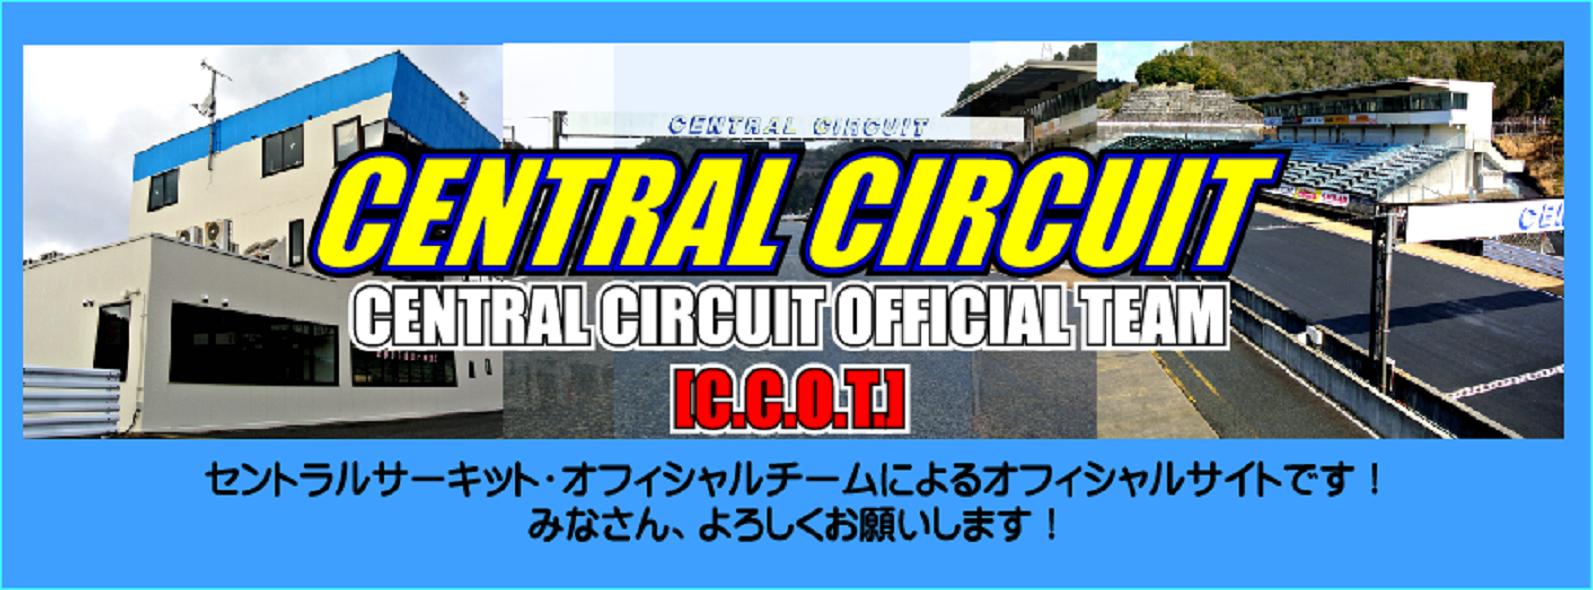 セントラルサーキットオフィシャルブログ